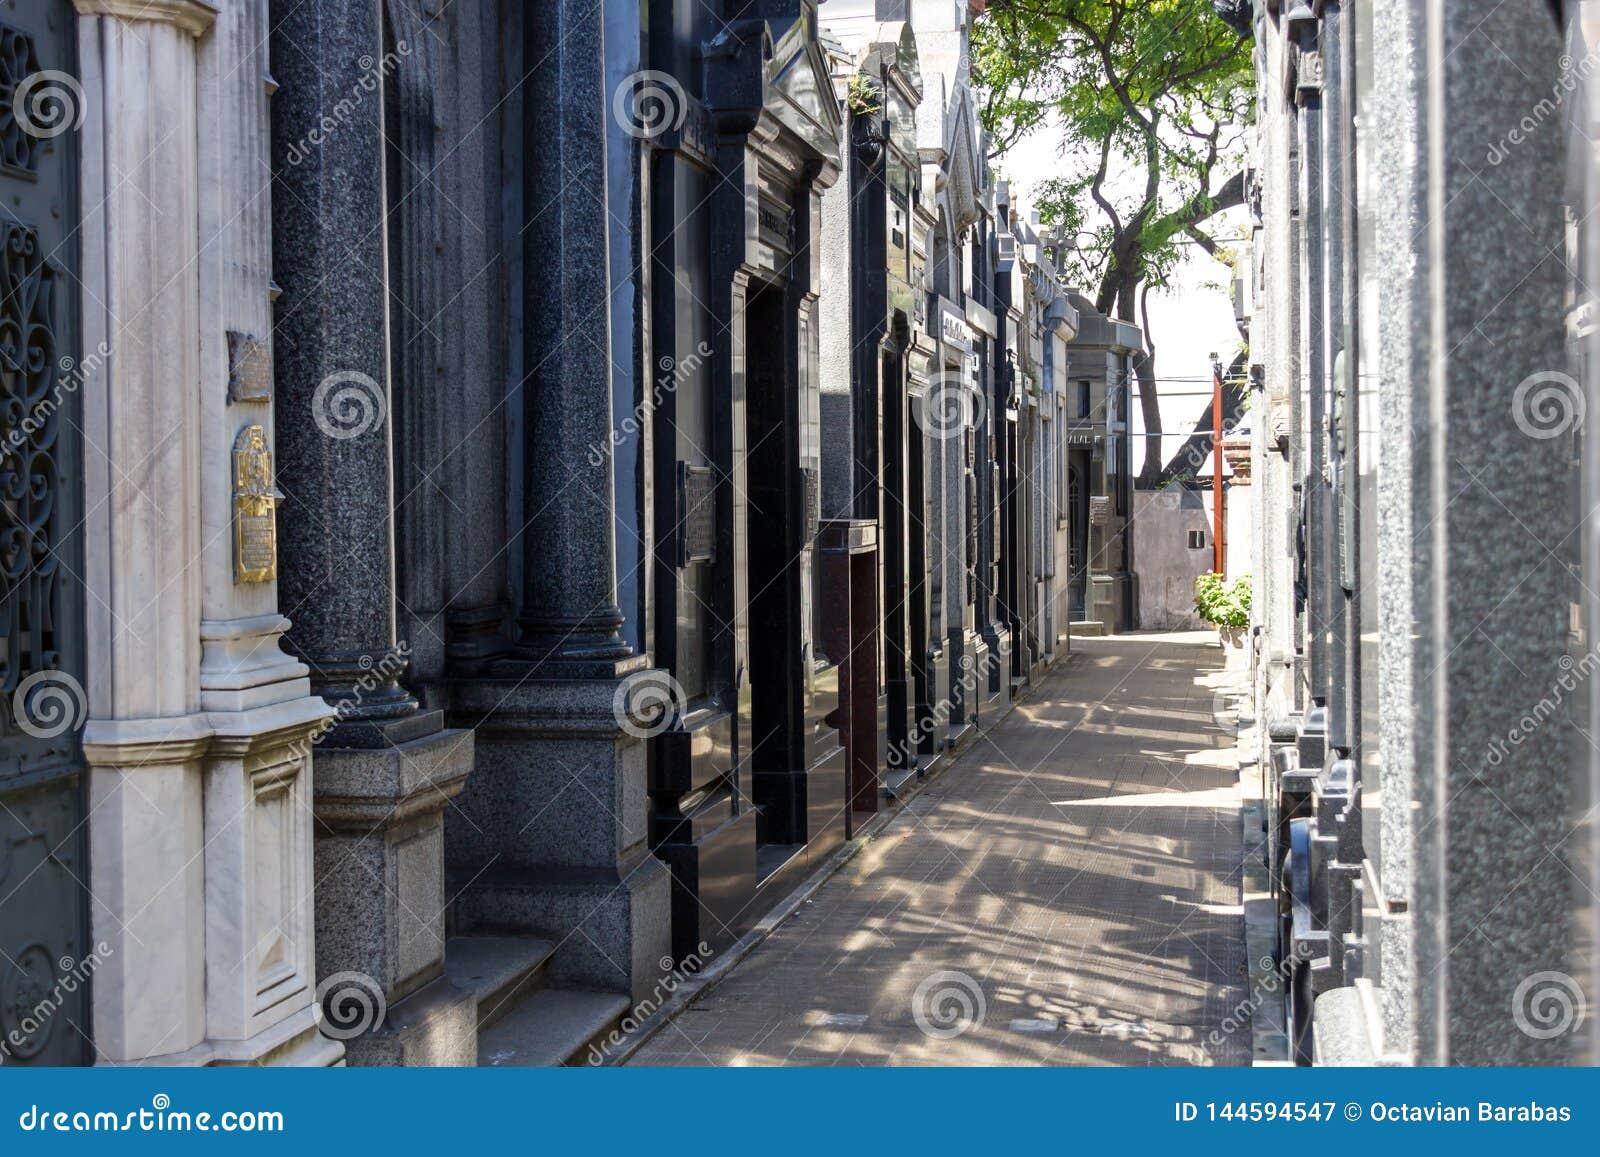 Recoletabegraafplaats in de smalle passage van Buenos aires met schaduw